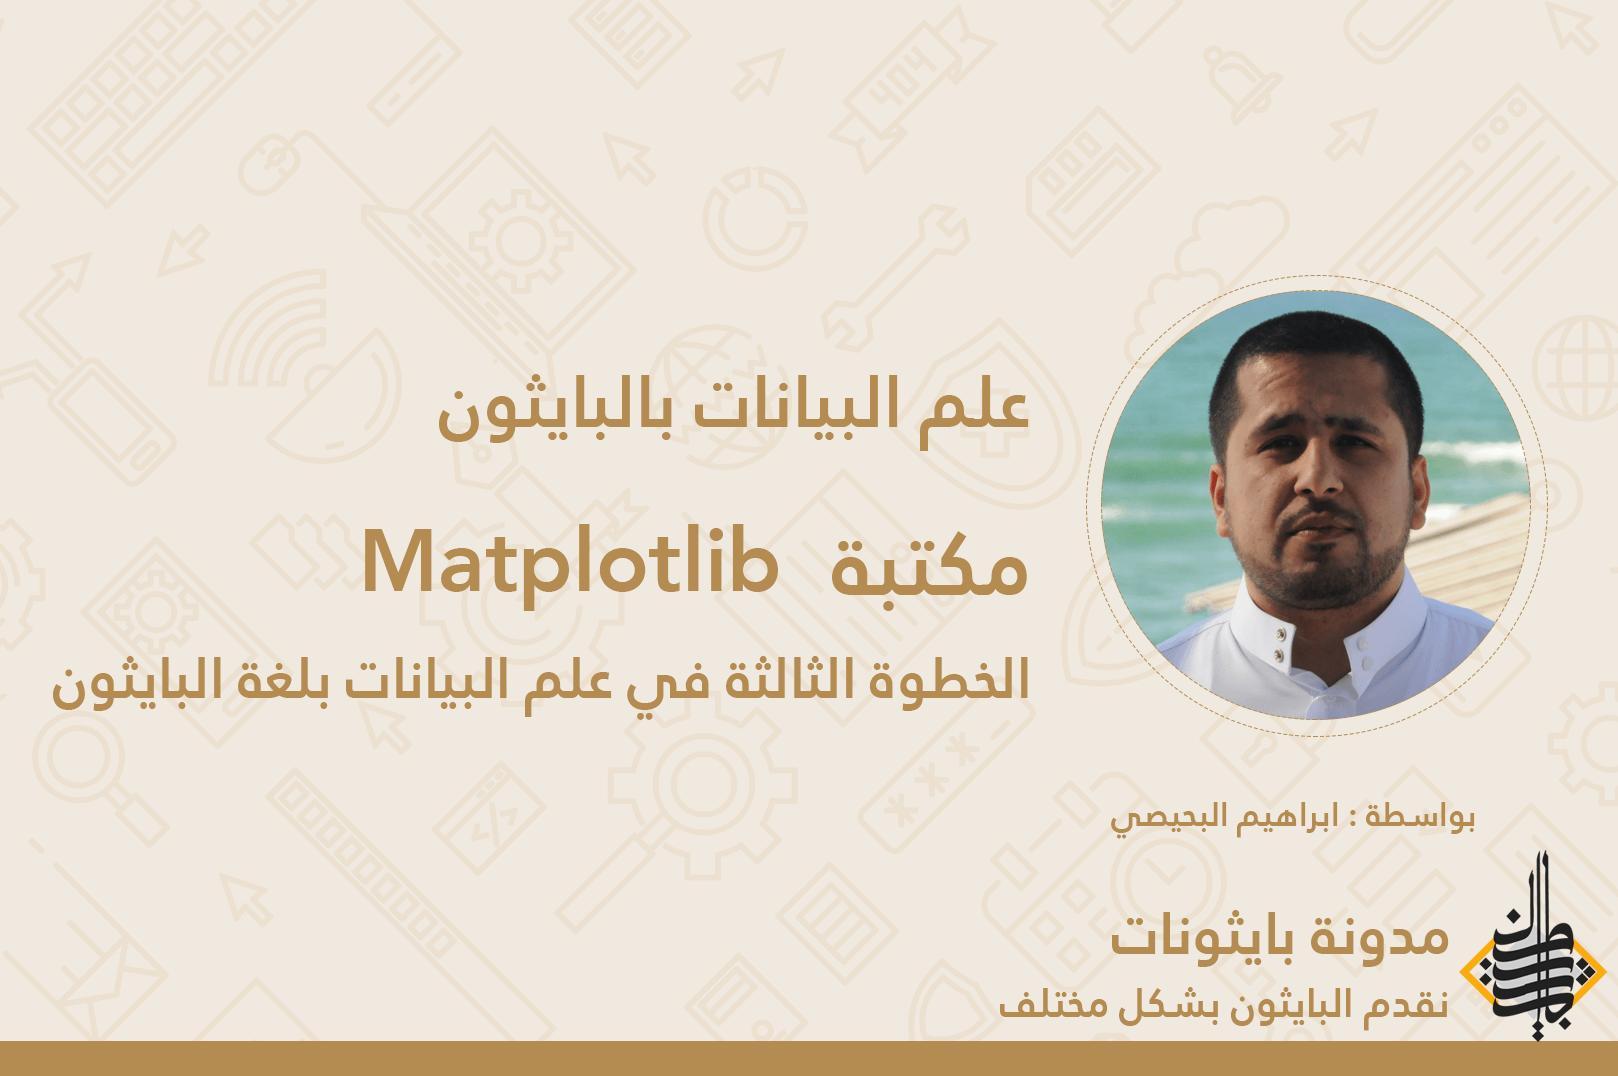 مكتبة Matplotlib - الخطوة الثالثة في علم البيانات بالبايثون